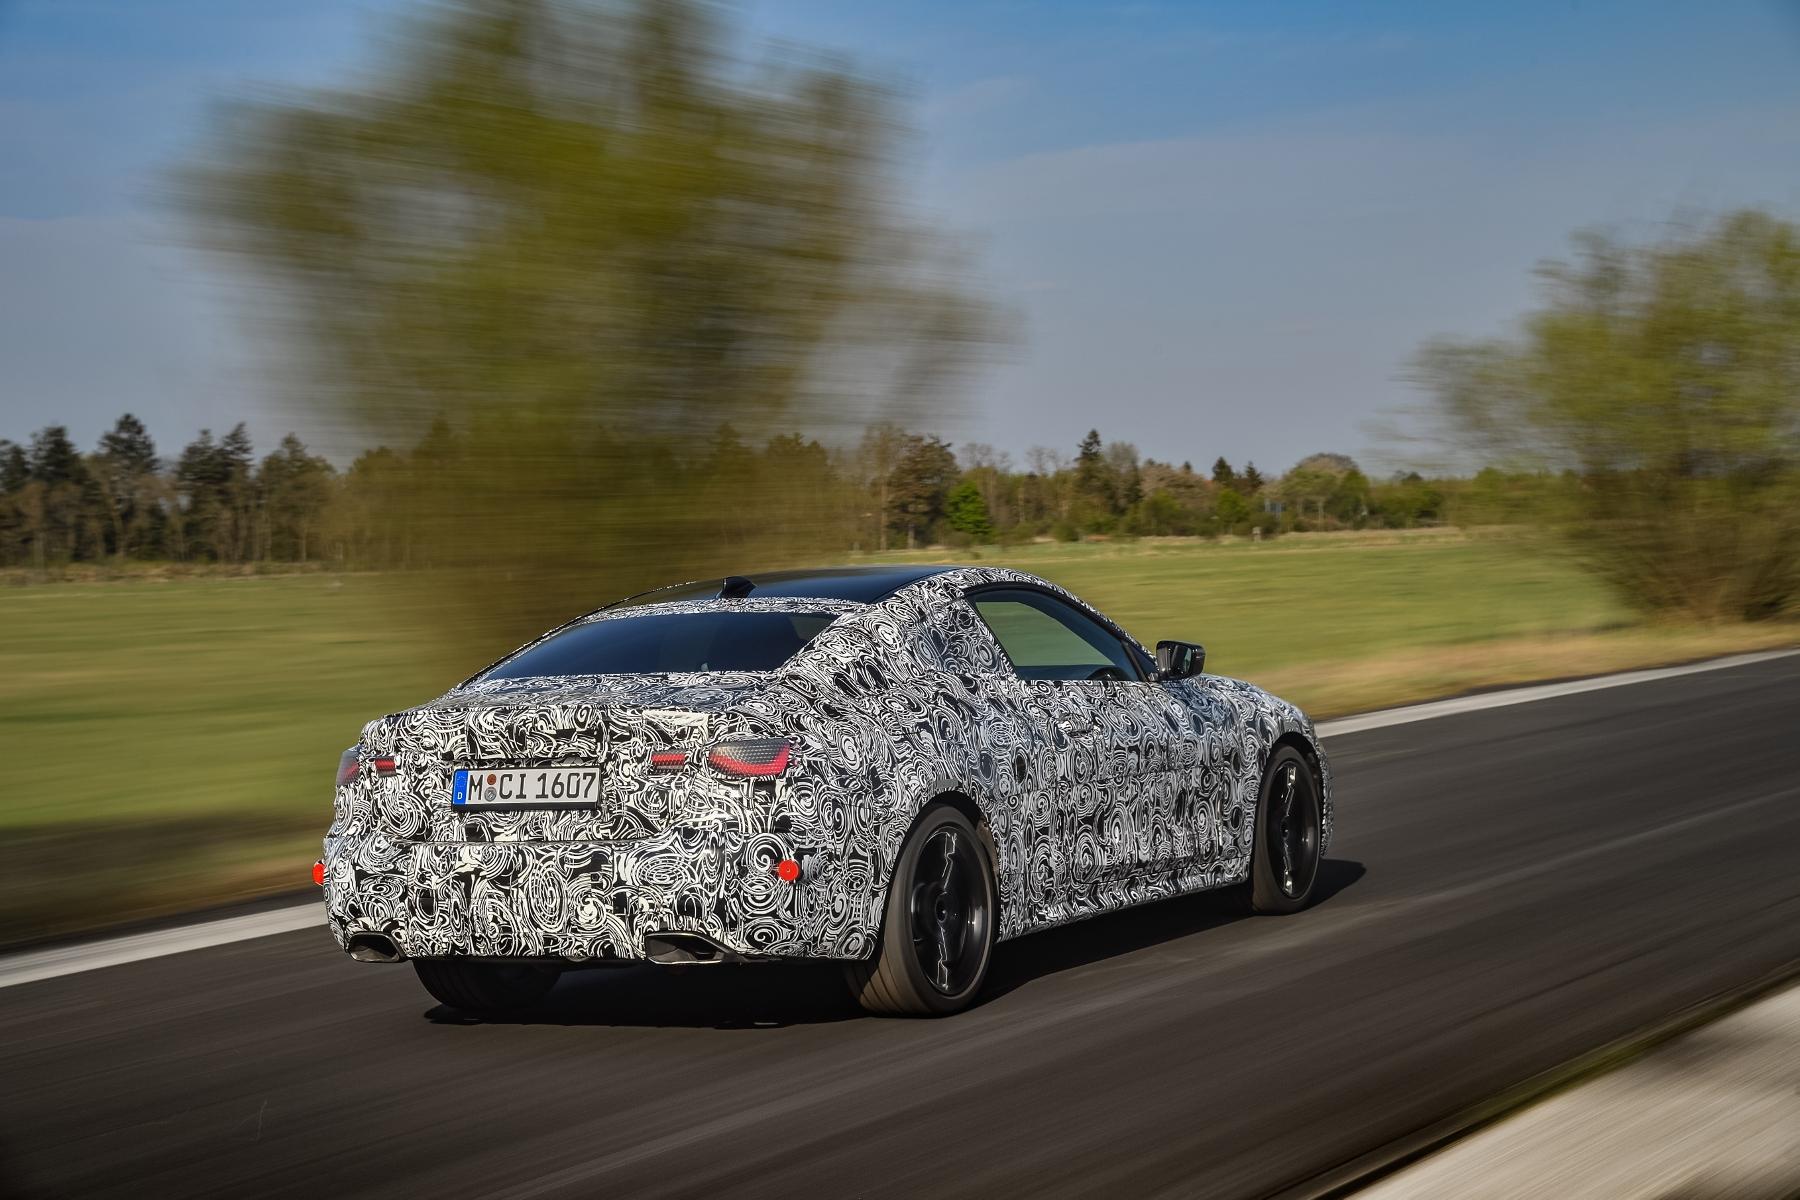 Nové BMW radu 4 Coupé dostane športovejší podvozok ih5R0Etmc4 bmw-4-coupe-9